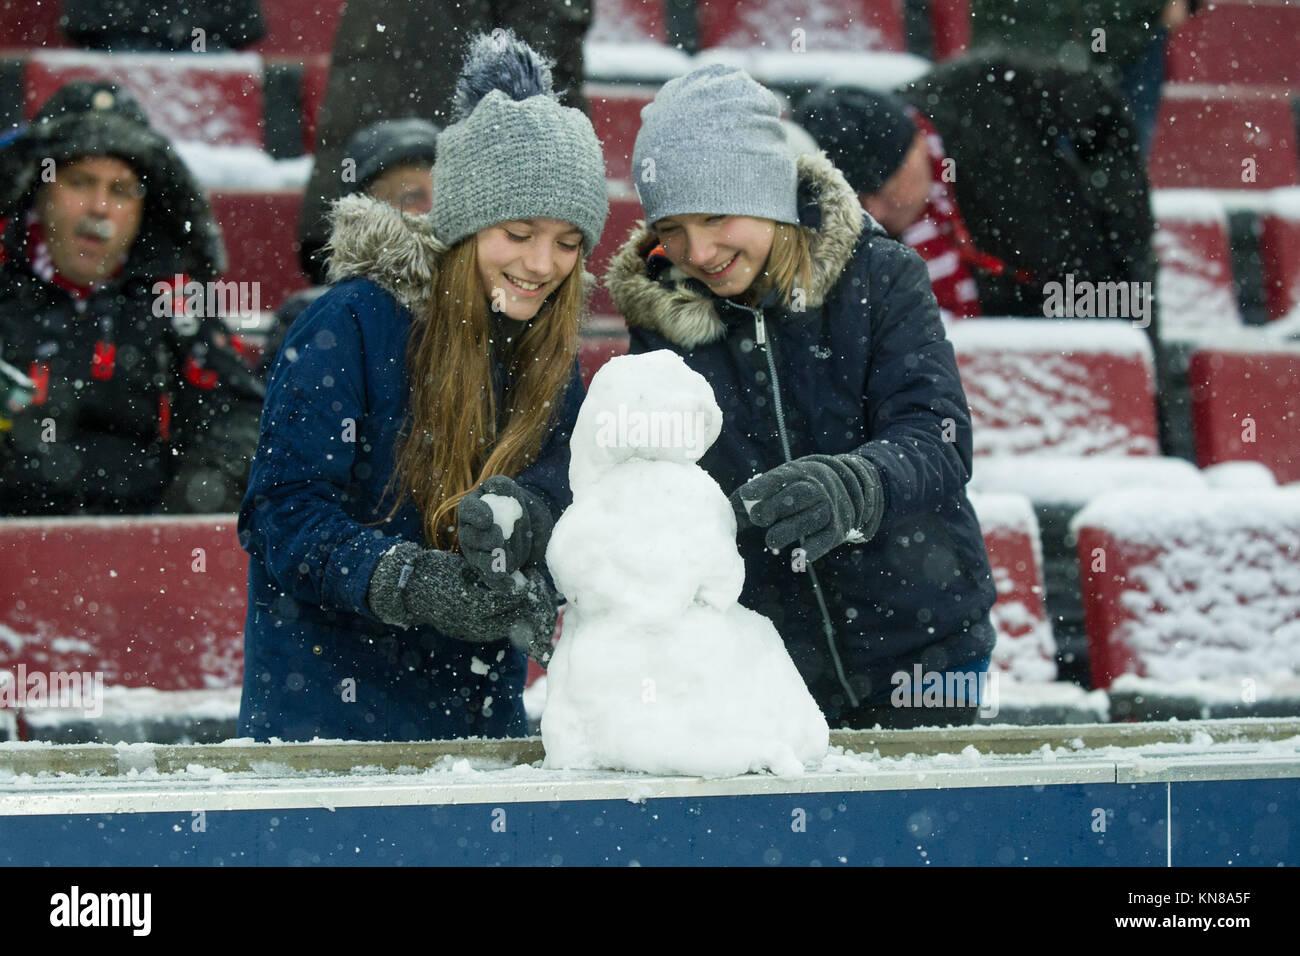 Koeln, Deutschland. 10th Dec, 2017. Zwei Maedchen bauen auf der Tribiuene einen Schneemann, Trib ne, Spielverspaetung, Stock Photo